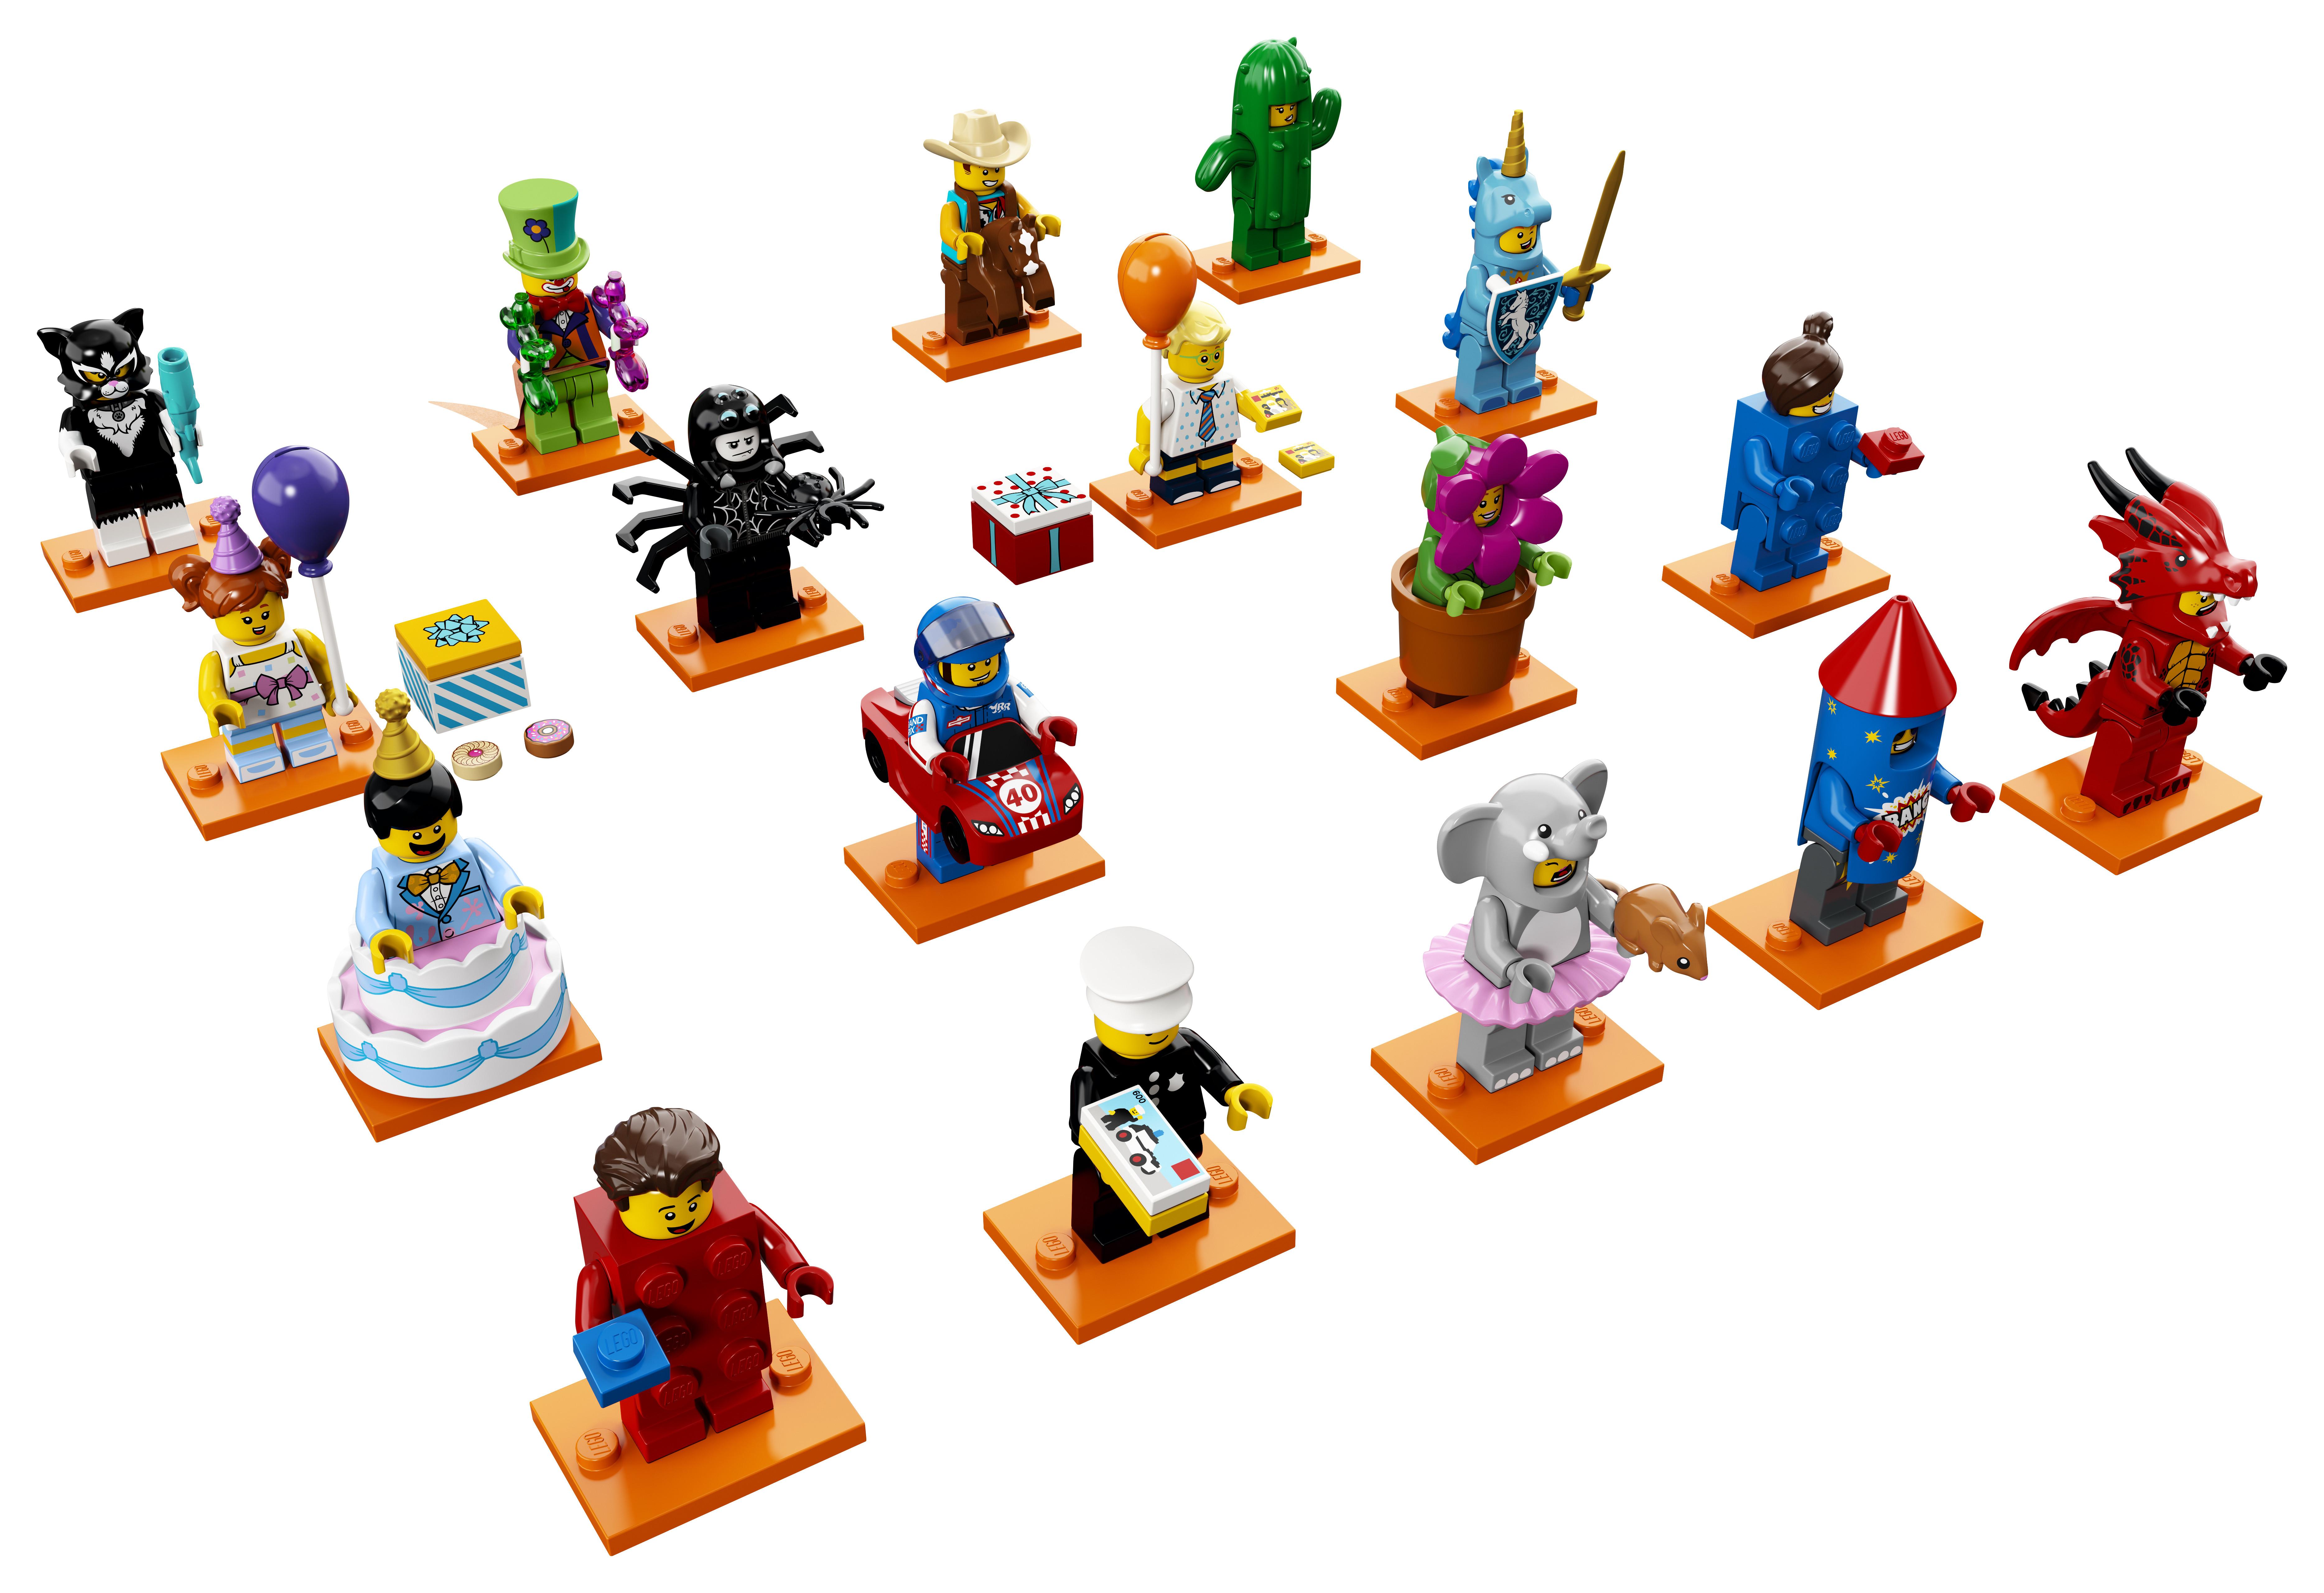 Конструктор LEGO BrickHeadz 71021 серия 18 цена